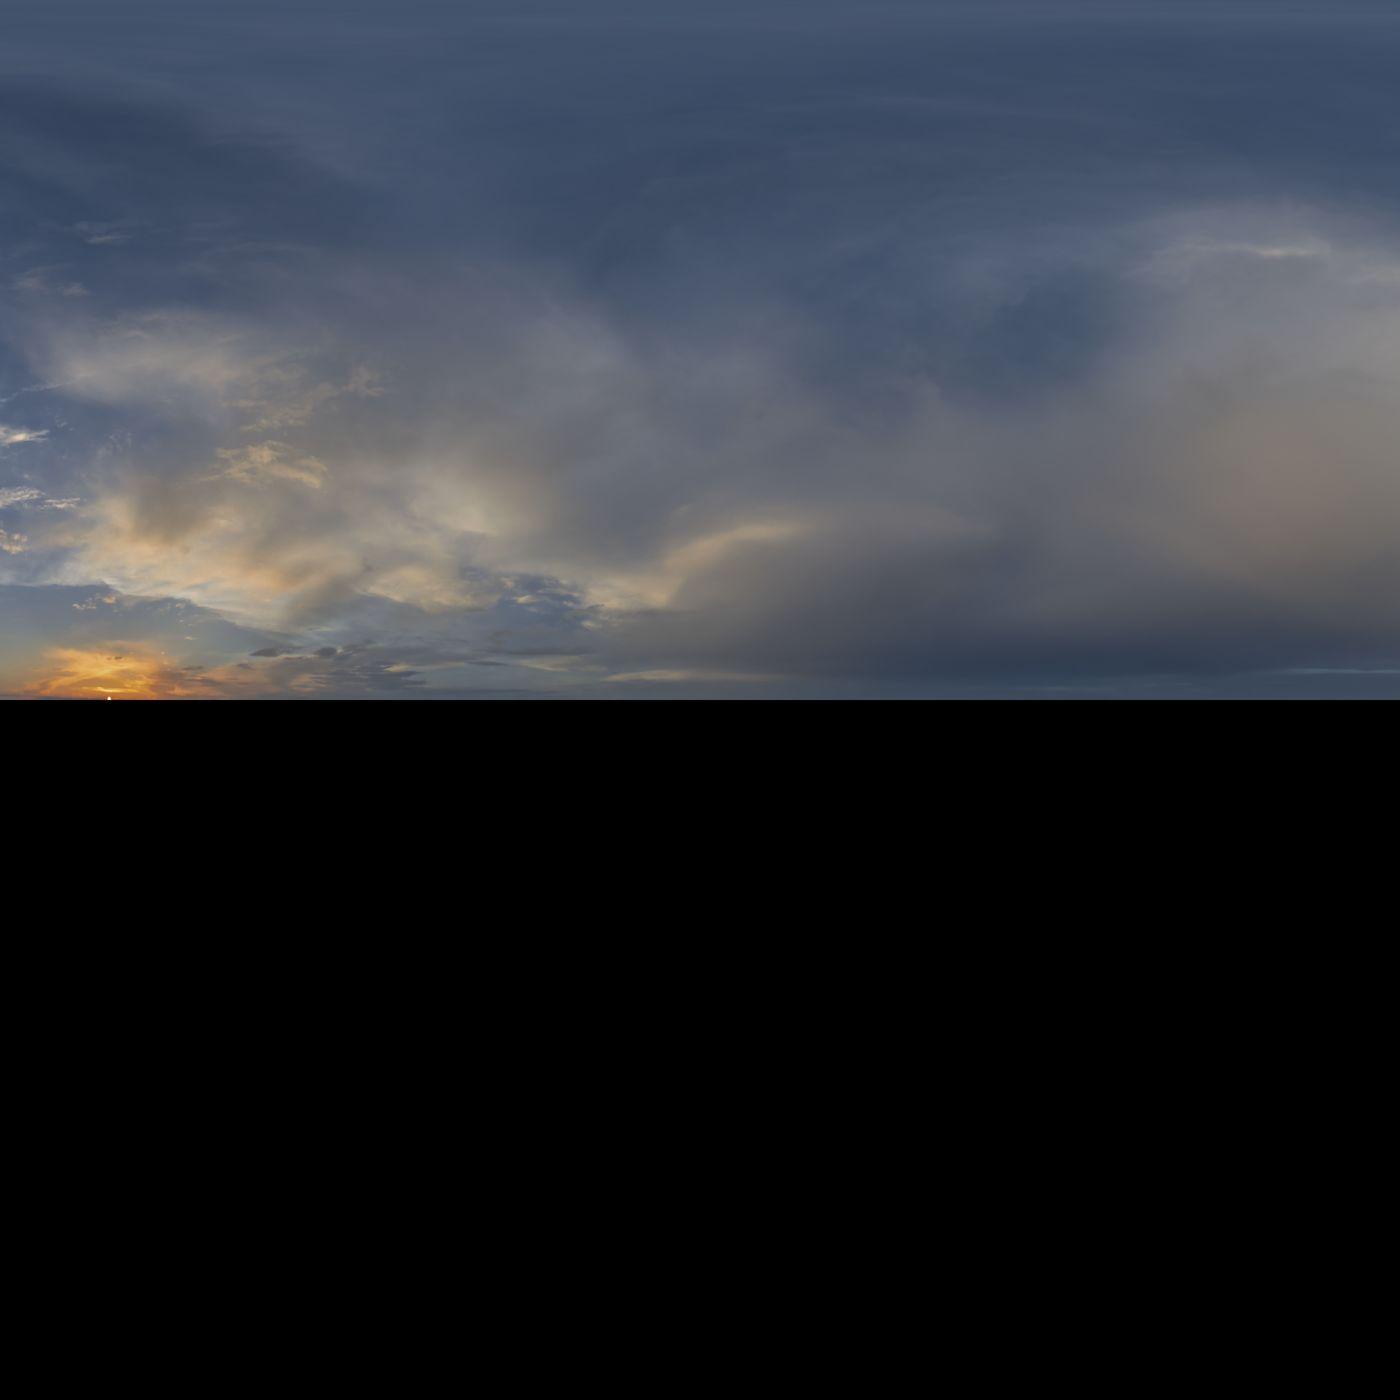 skydome HDRi sunset